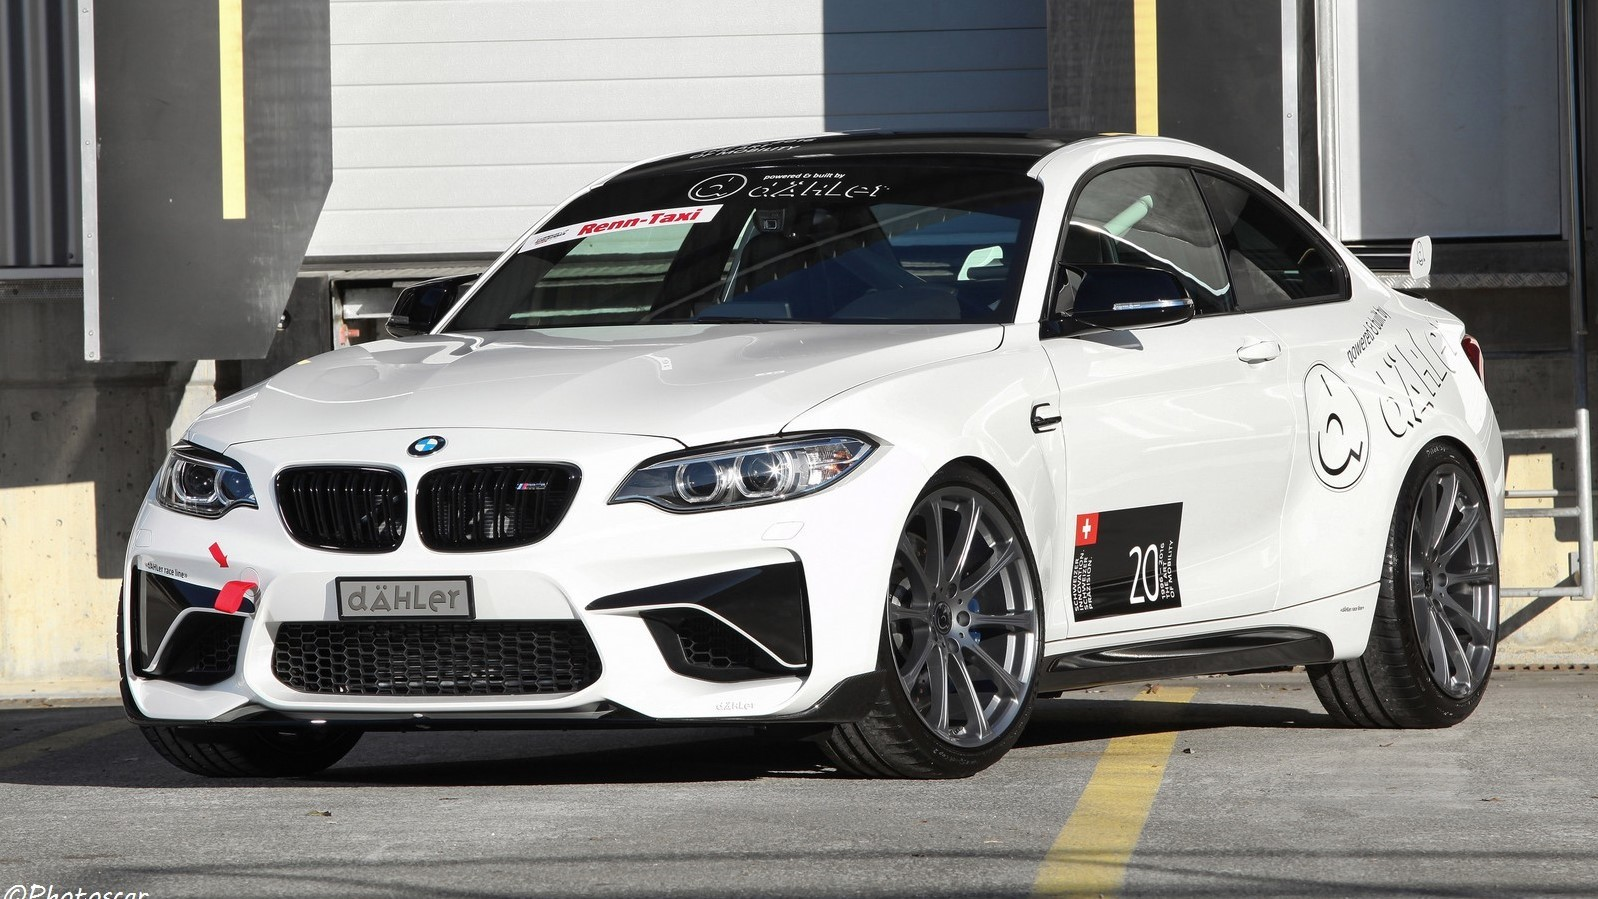 dAHler BMW M2 Race Line 2017